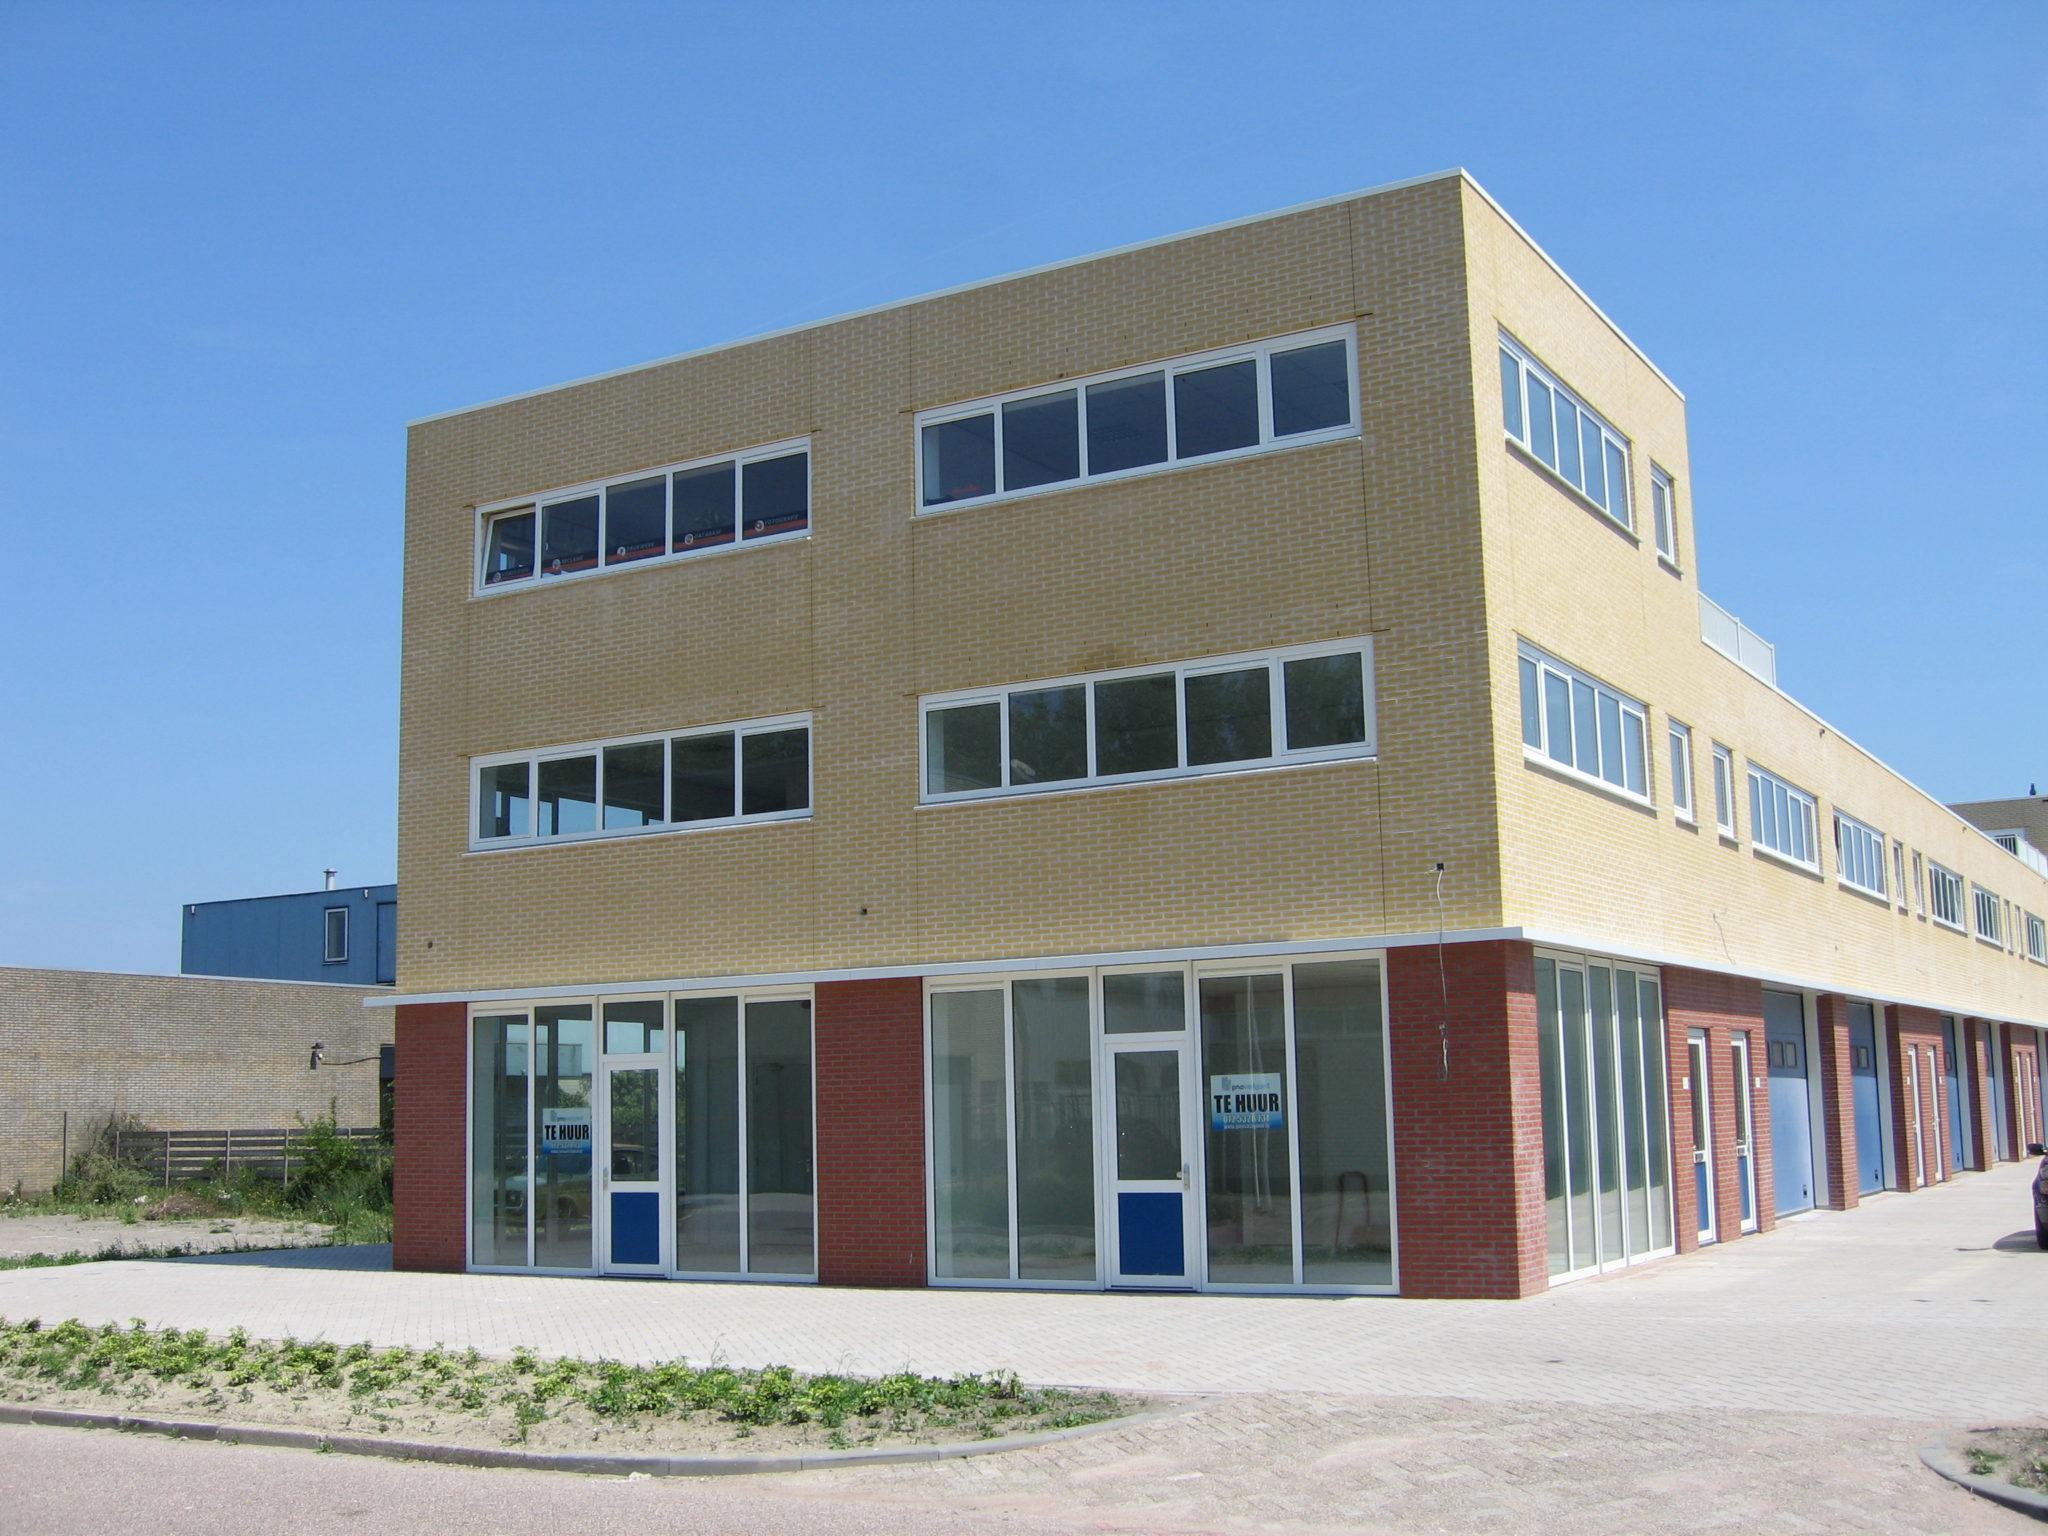 Kantoor- praktijkruimte met dakterras huren Alkmaar, Kamerlingh Onnesstraat 27J